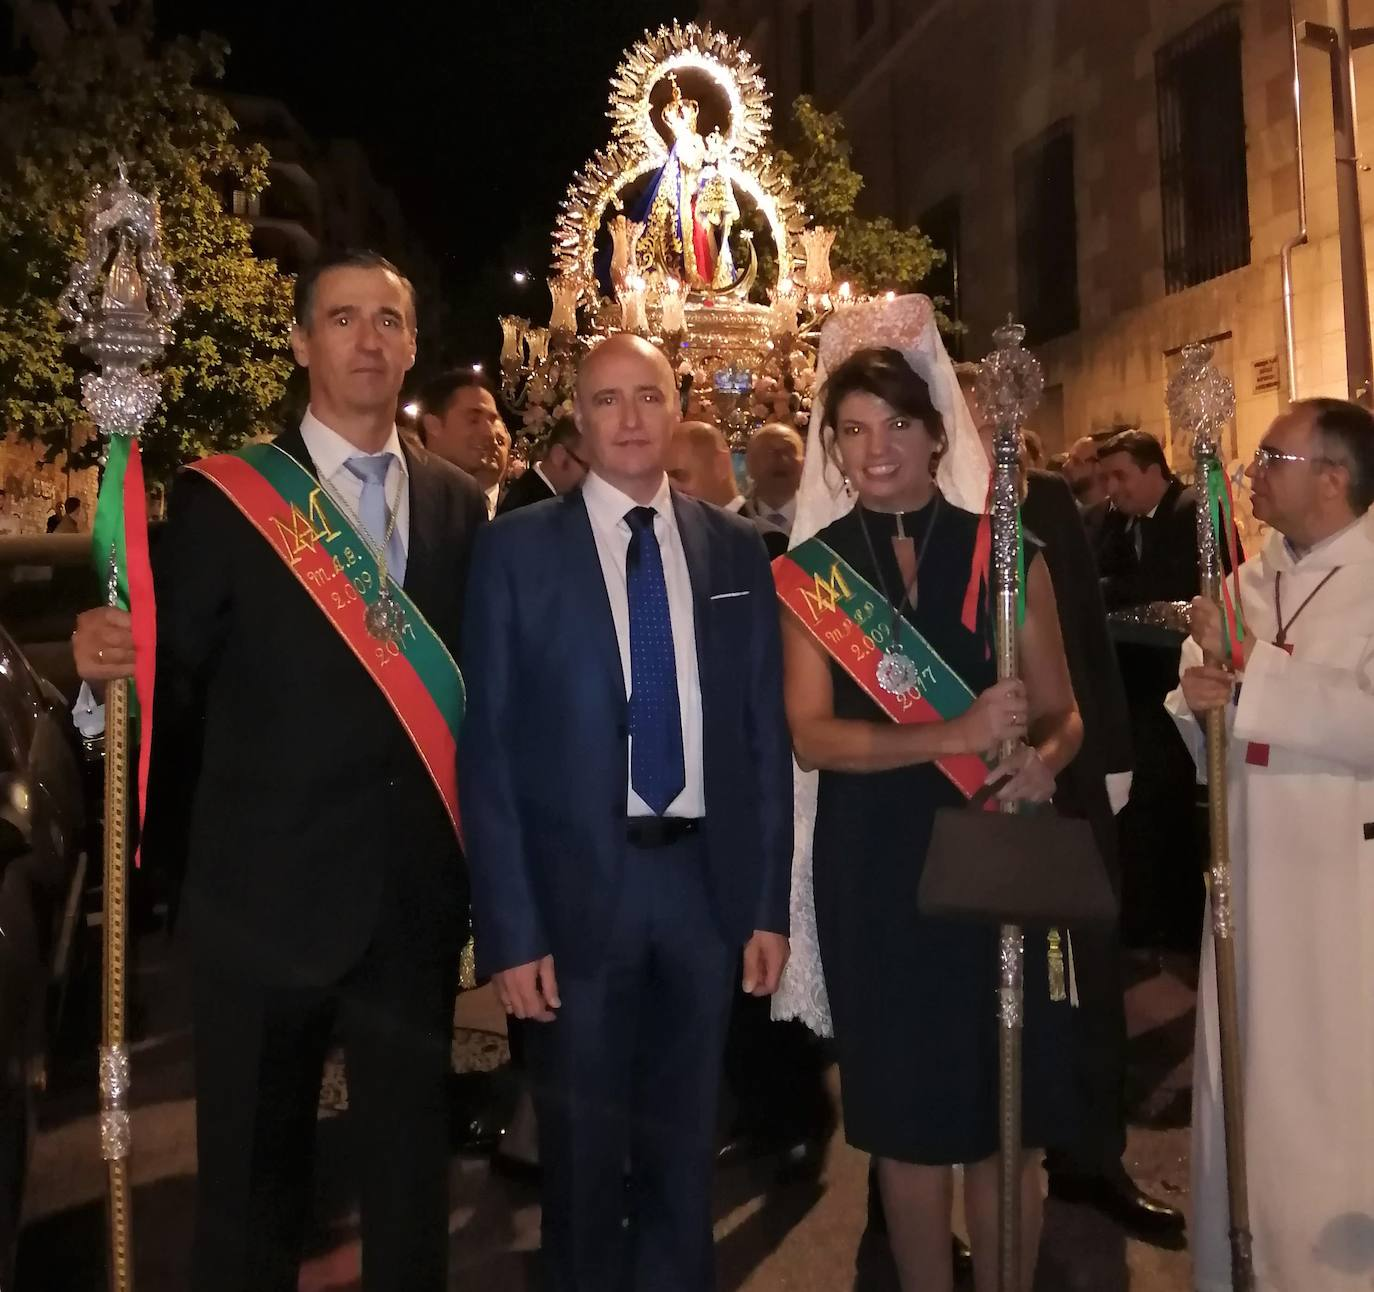 Antonio Pareja dedica un pasodoble a 'La Morenita' de Granada